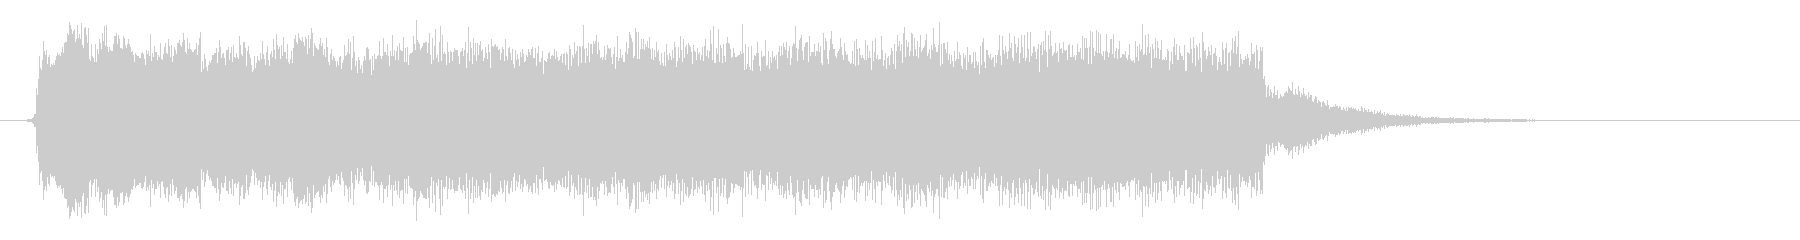 エレクトリックギター:パワーコード...の未再生の波形